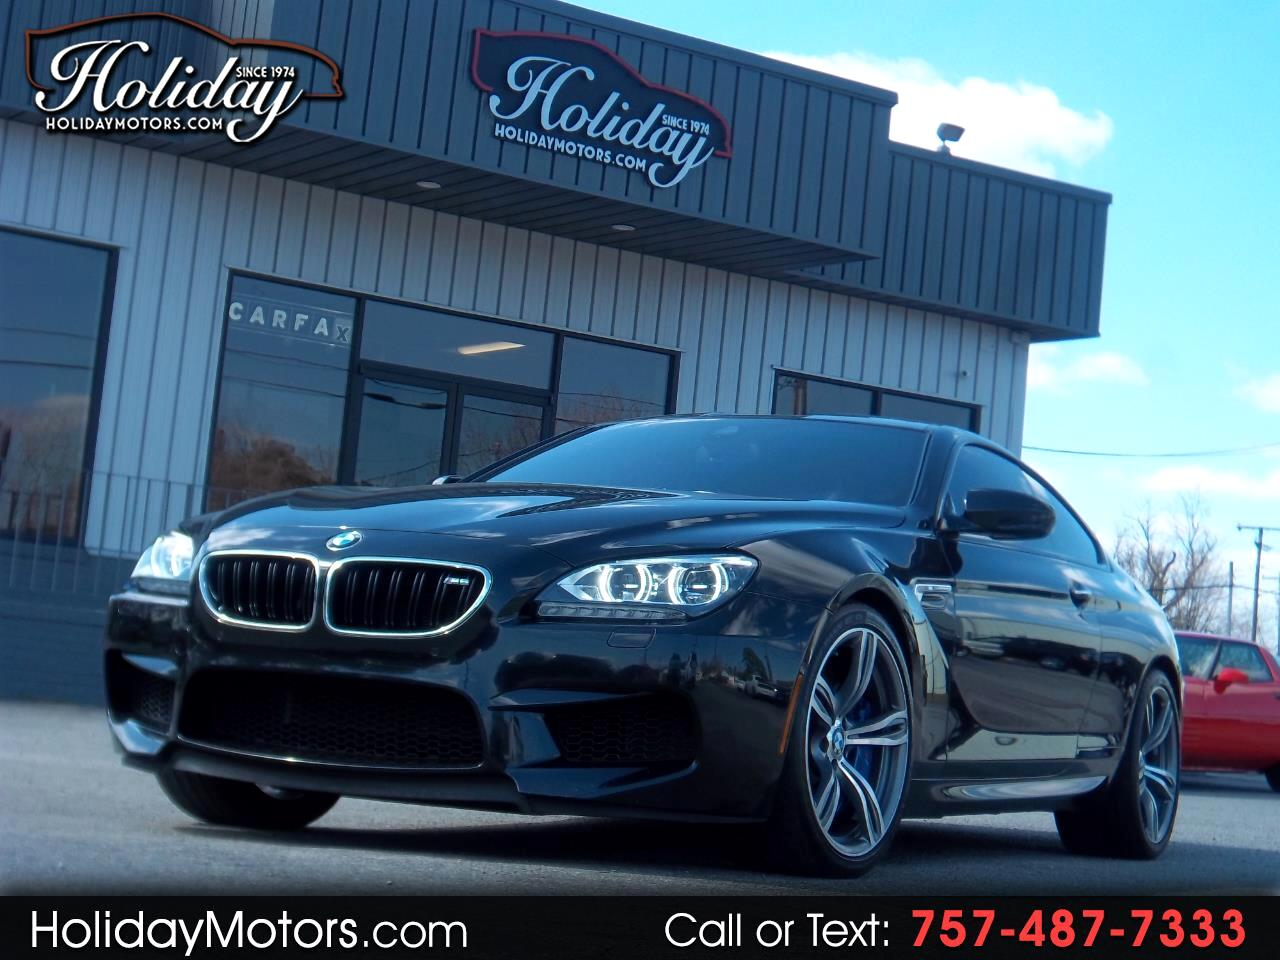 2013 BMW M6 2dr Cpe